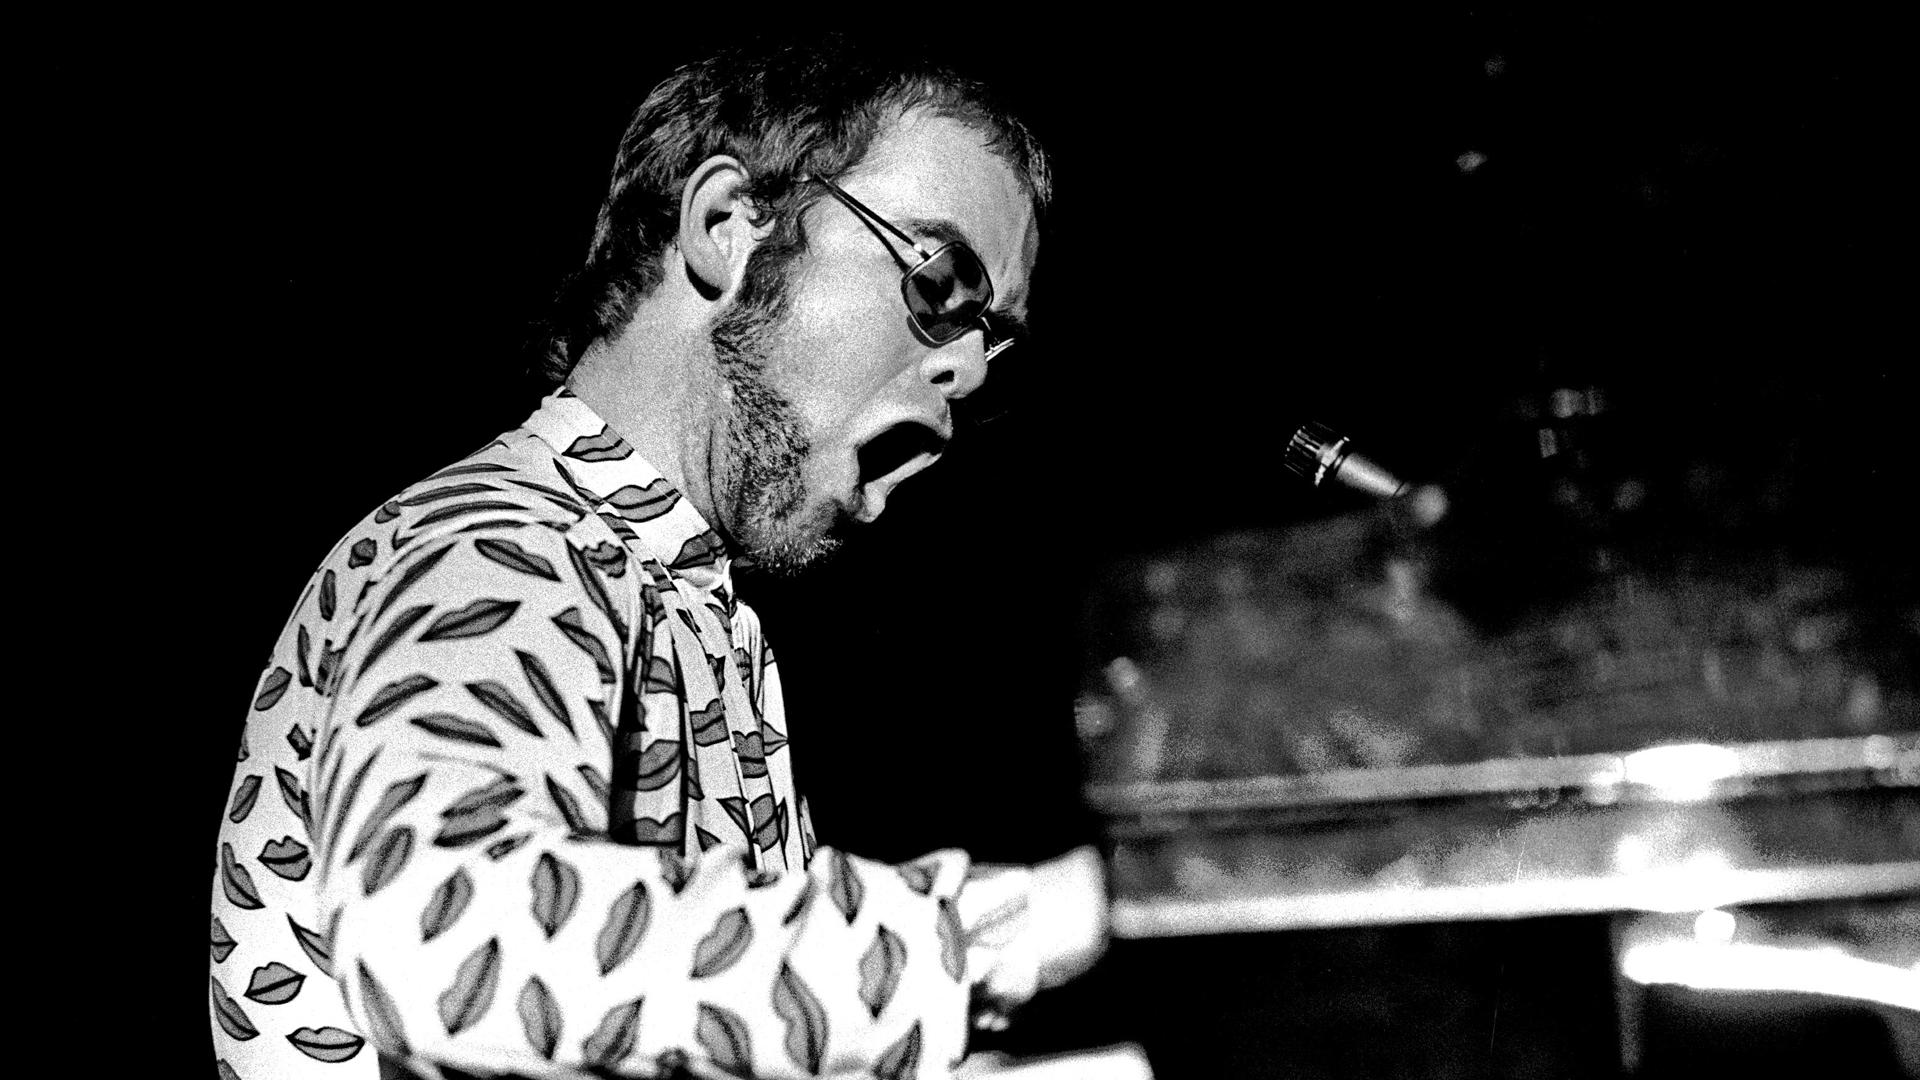 Elton John   Elton John Wallpaper 41028520 1920x1080